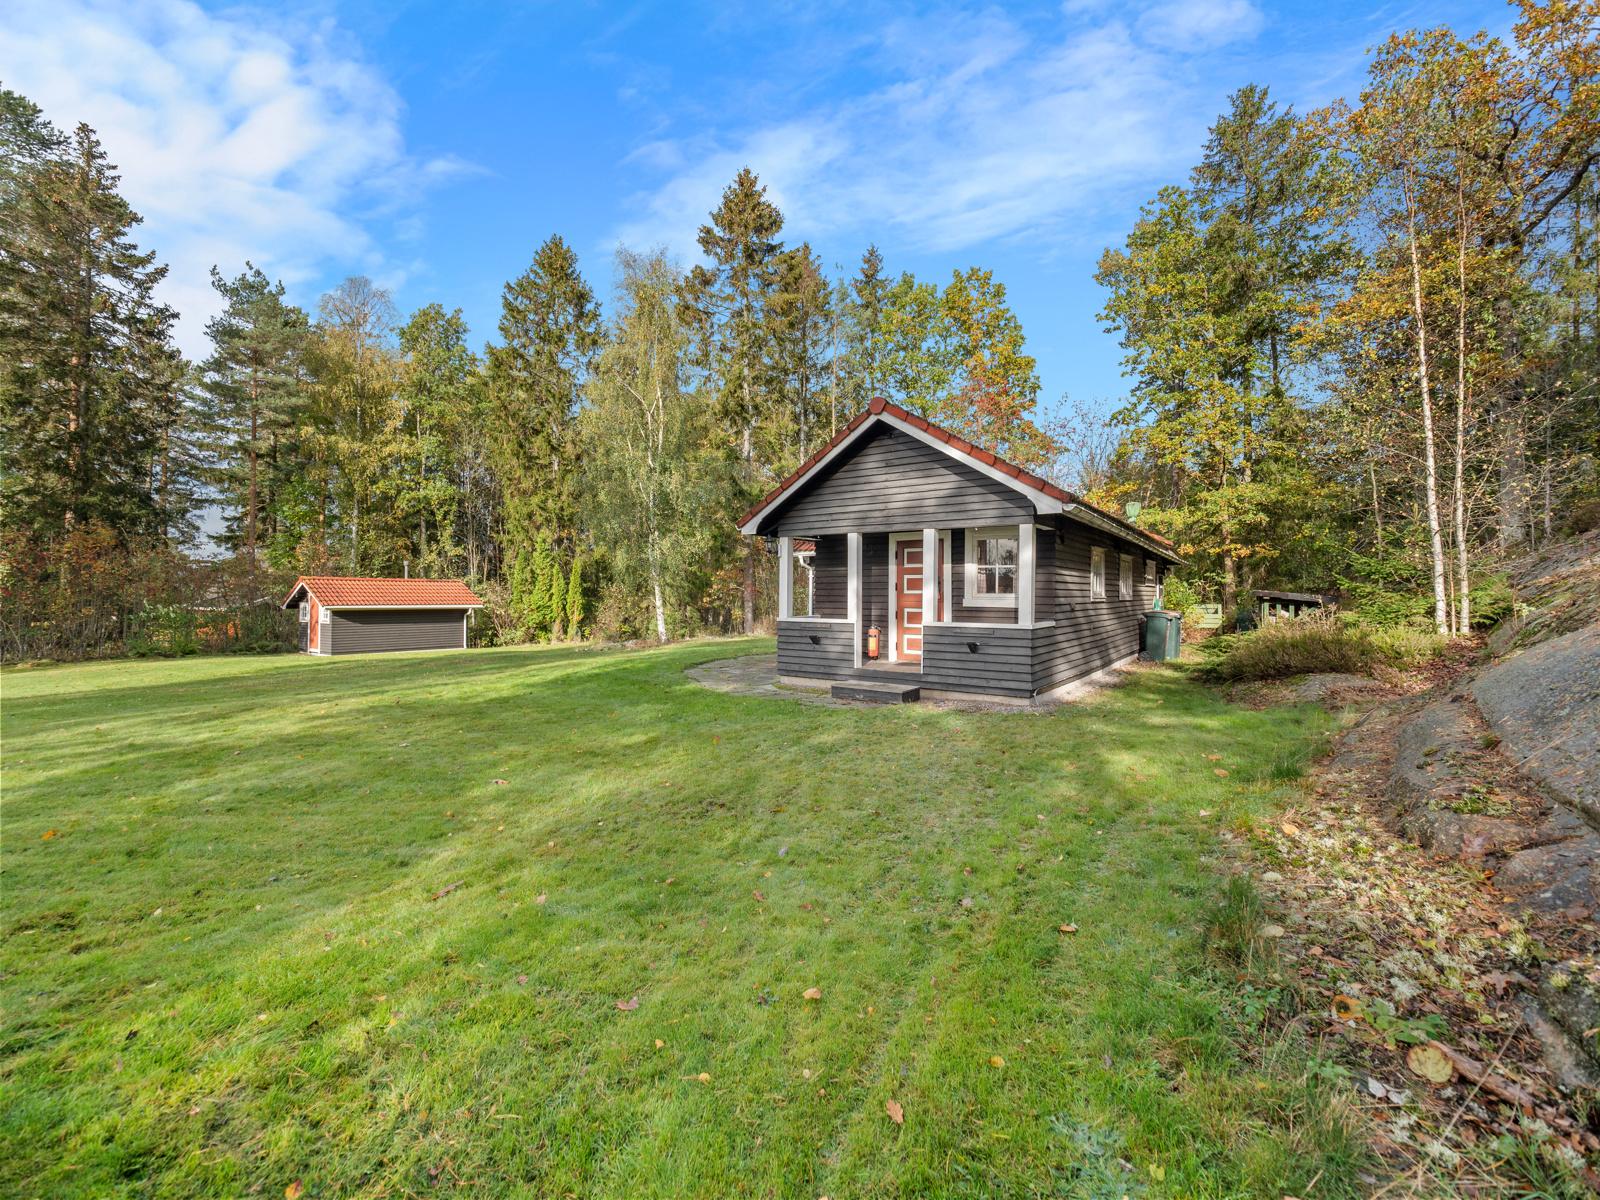 Hytte og uthus beliggende i flott skogsterreng - Her kan du starte turen, enten om du ønsker kyststien langs fjorden eller utforske skogen